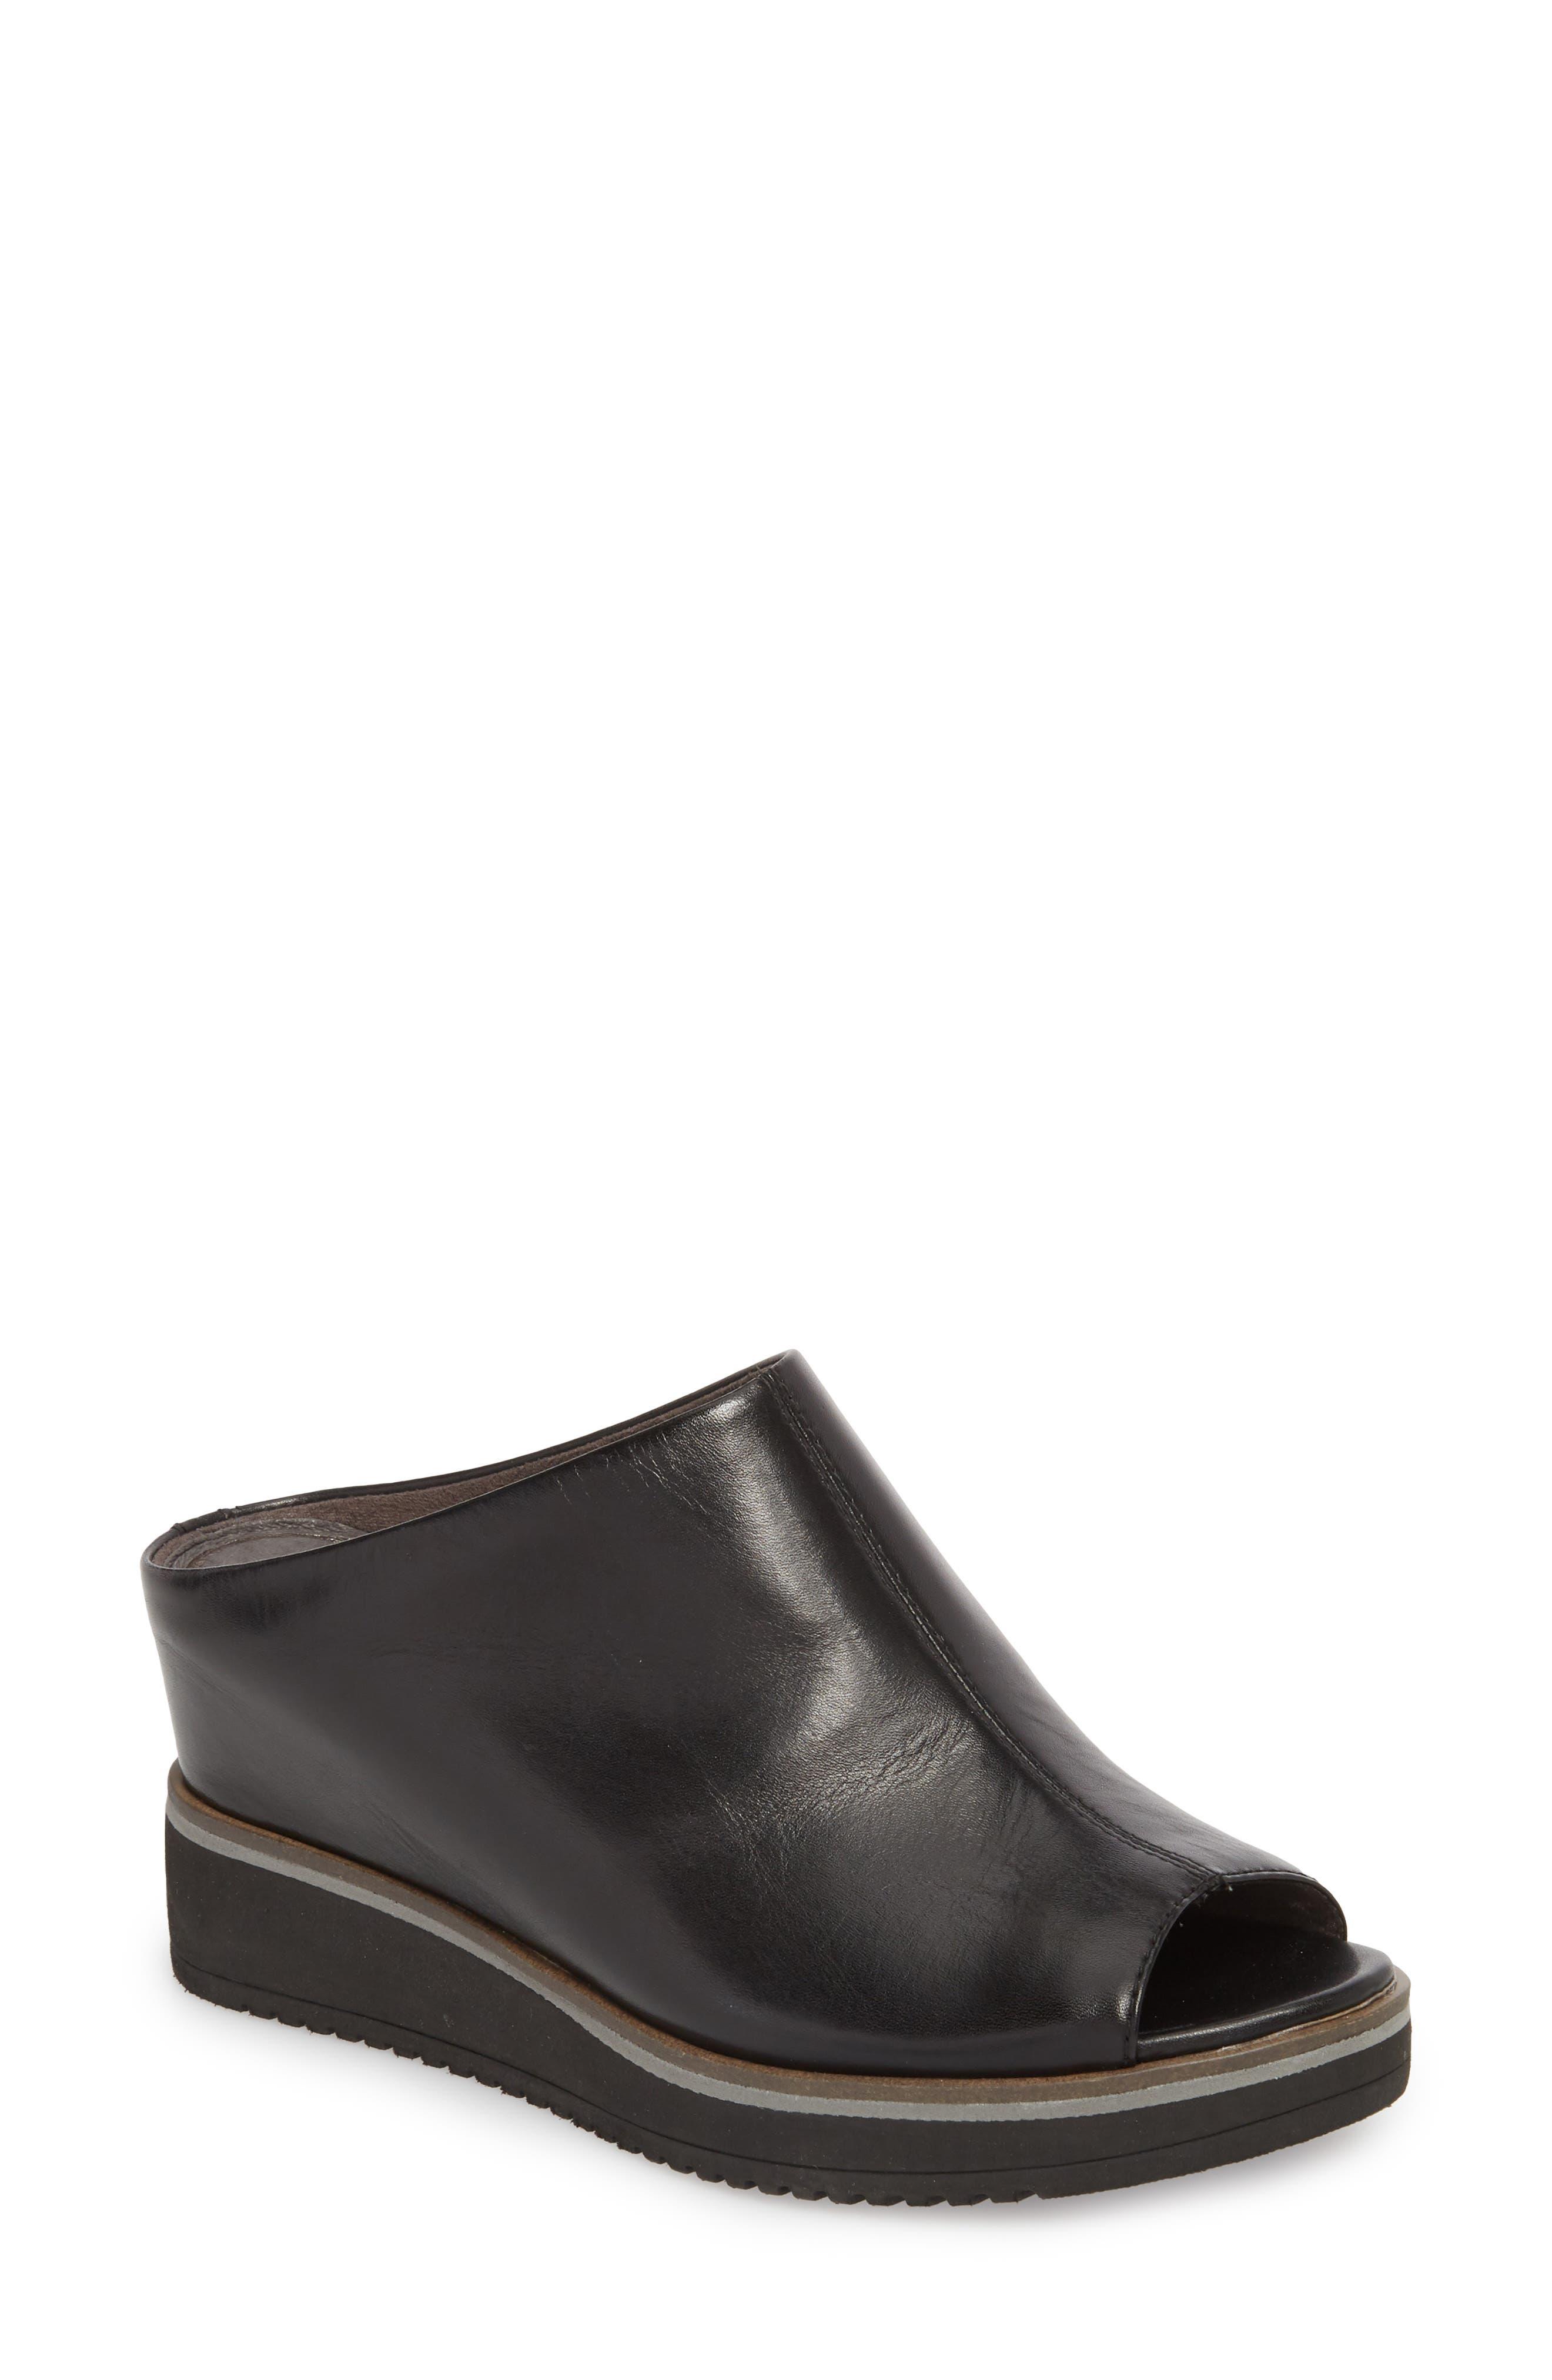 Alis Wedge Sandal,                         Main,                         color, 002